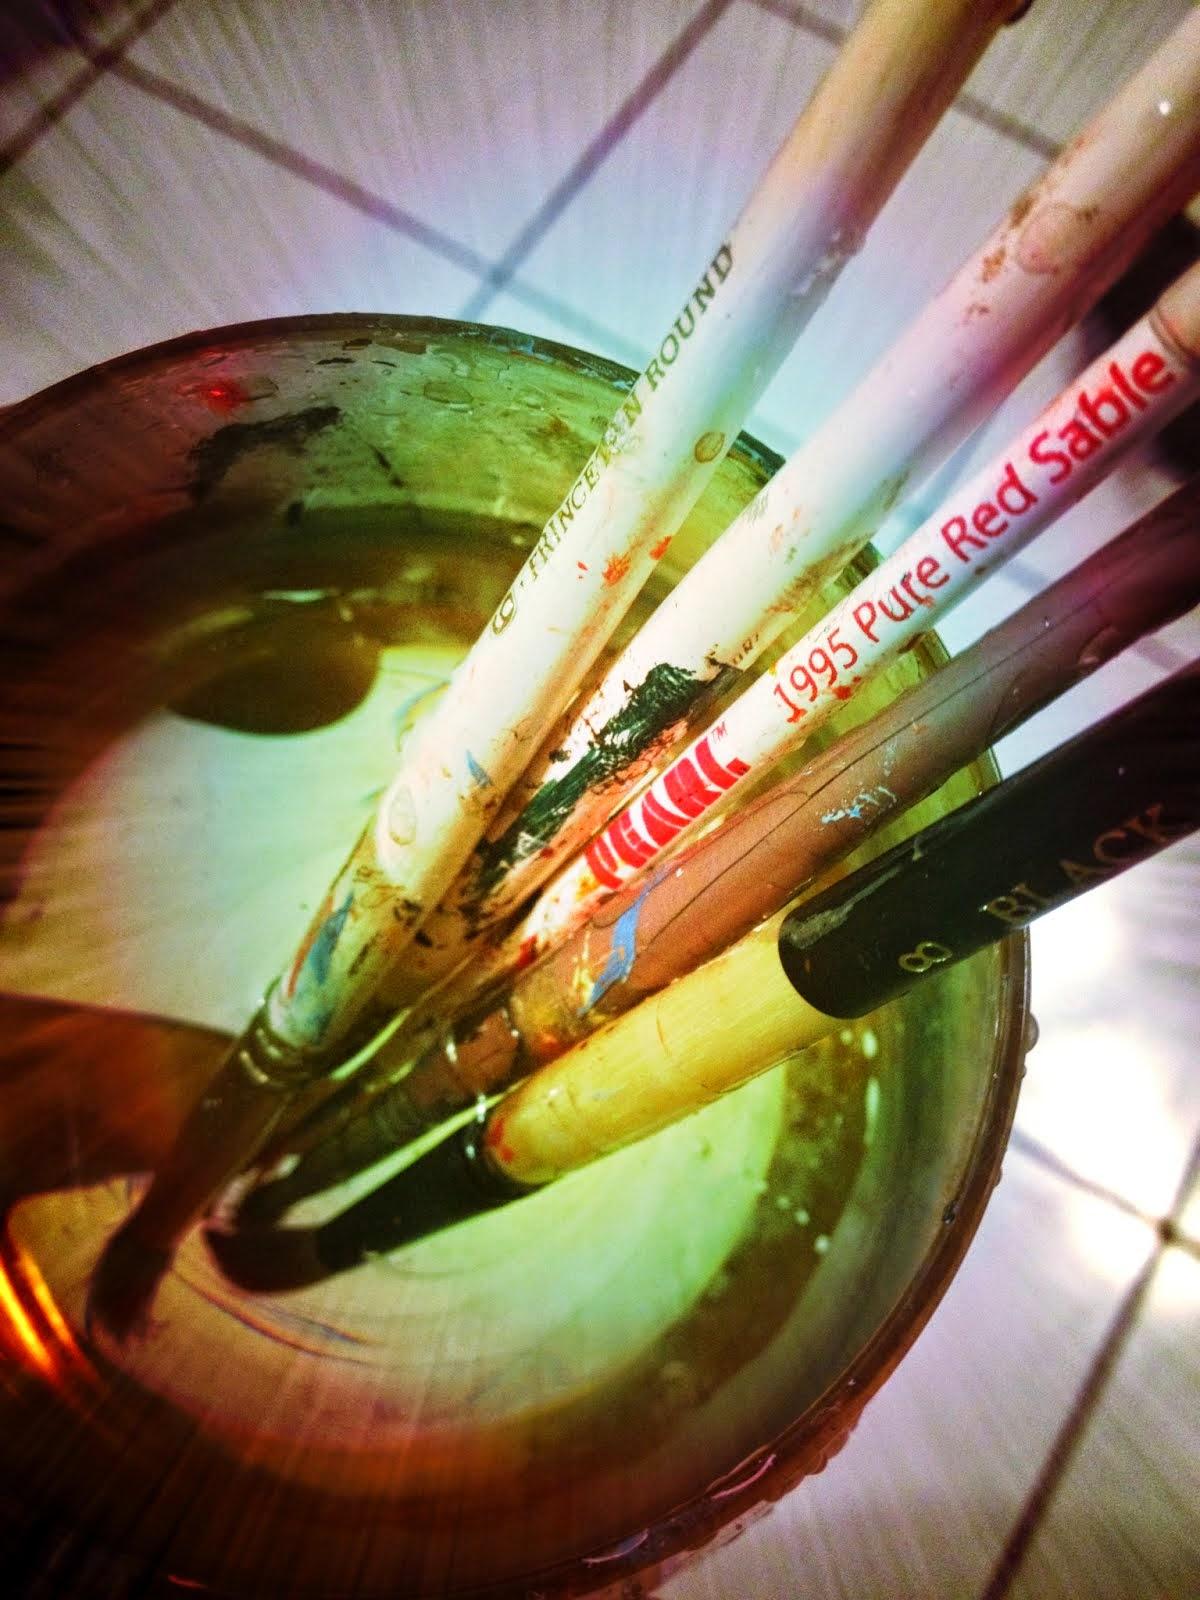 My Paint Brush Says...